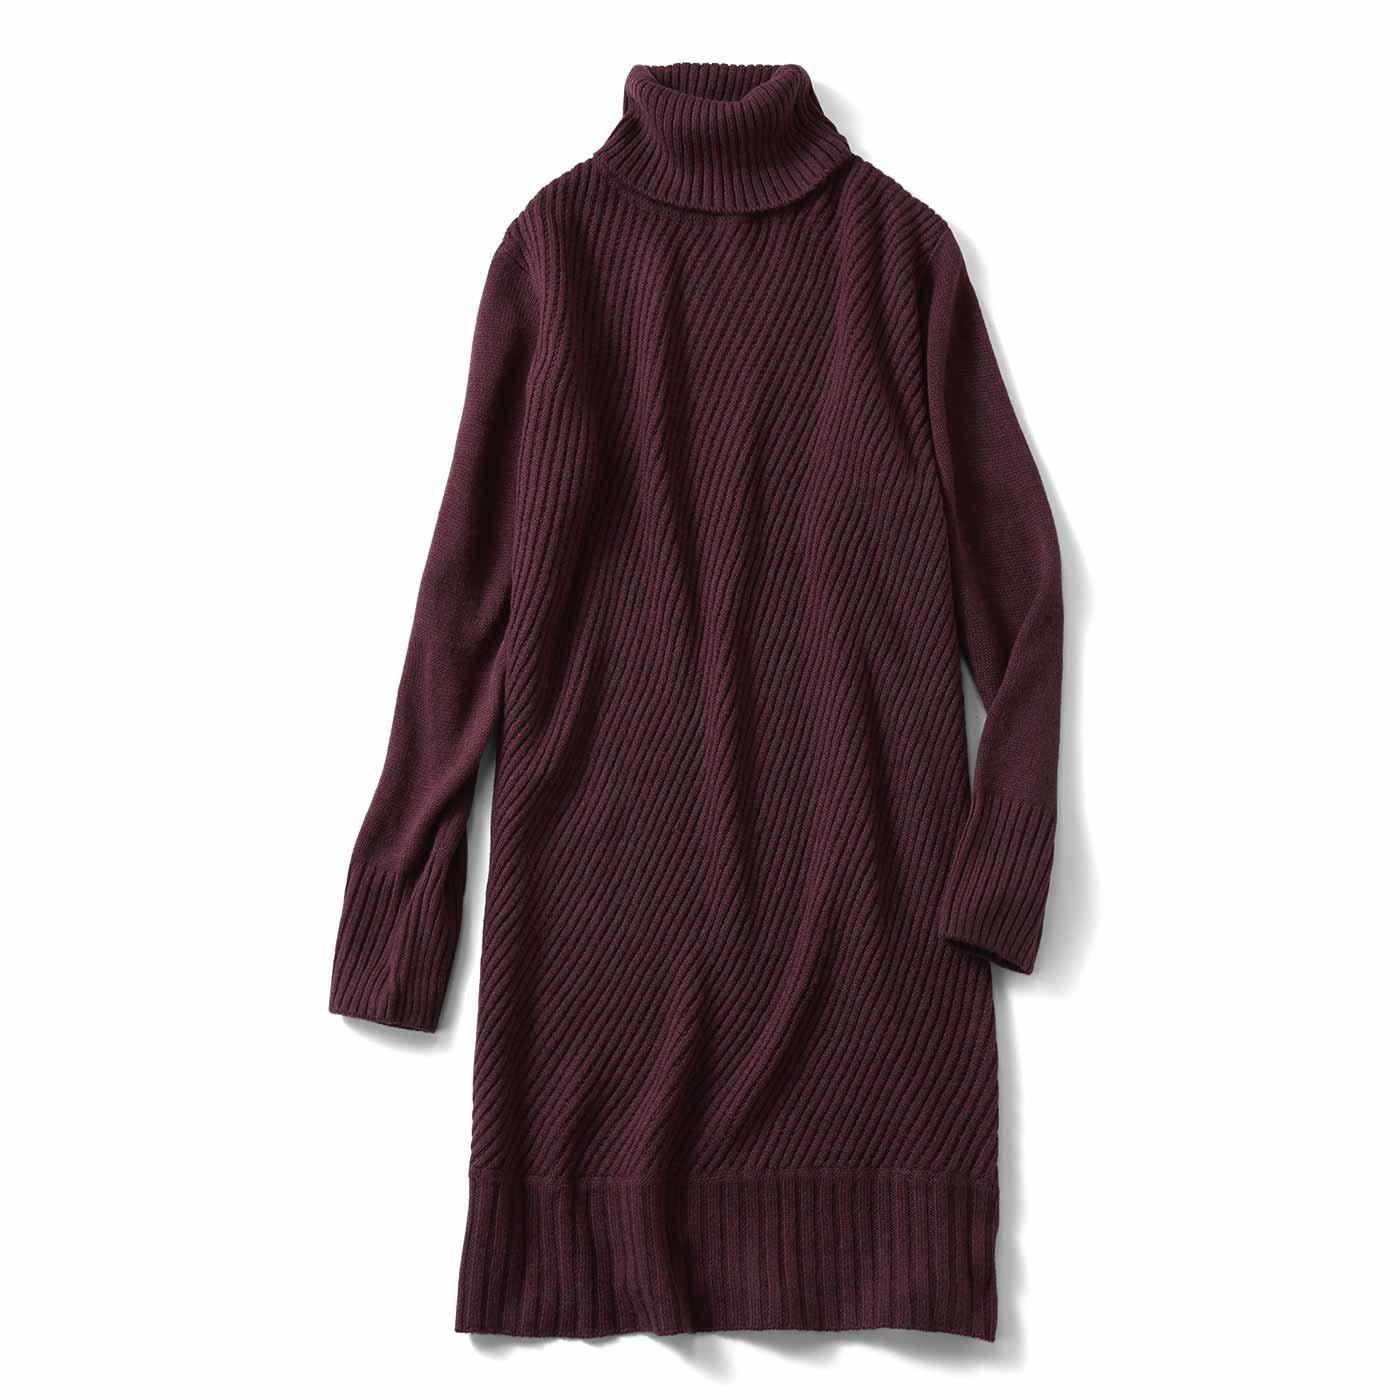 【3~10日でお届け】IEDIT[イディット] 斜めの編み地で着やせ ニットチュニックワンピース〈ブラウン〉